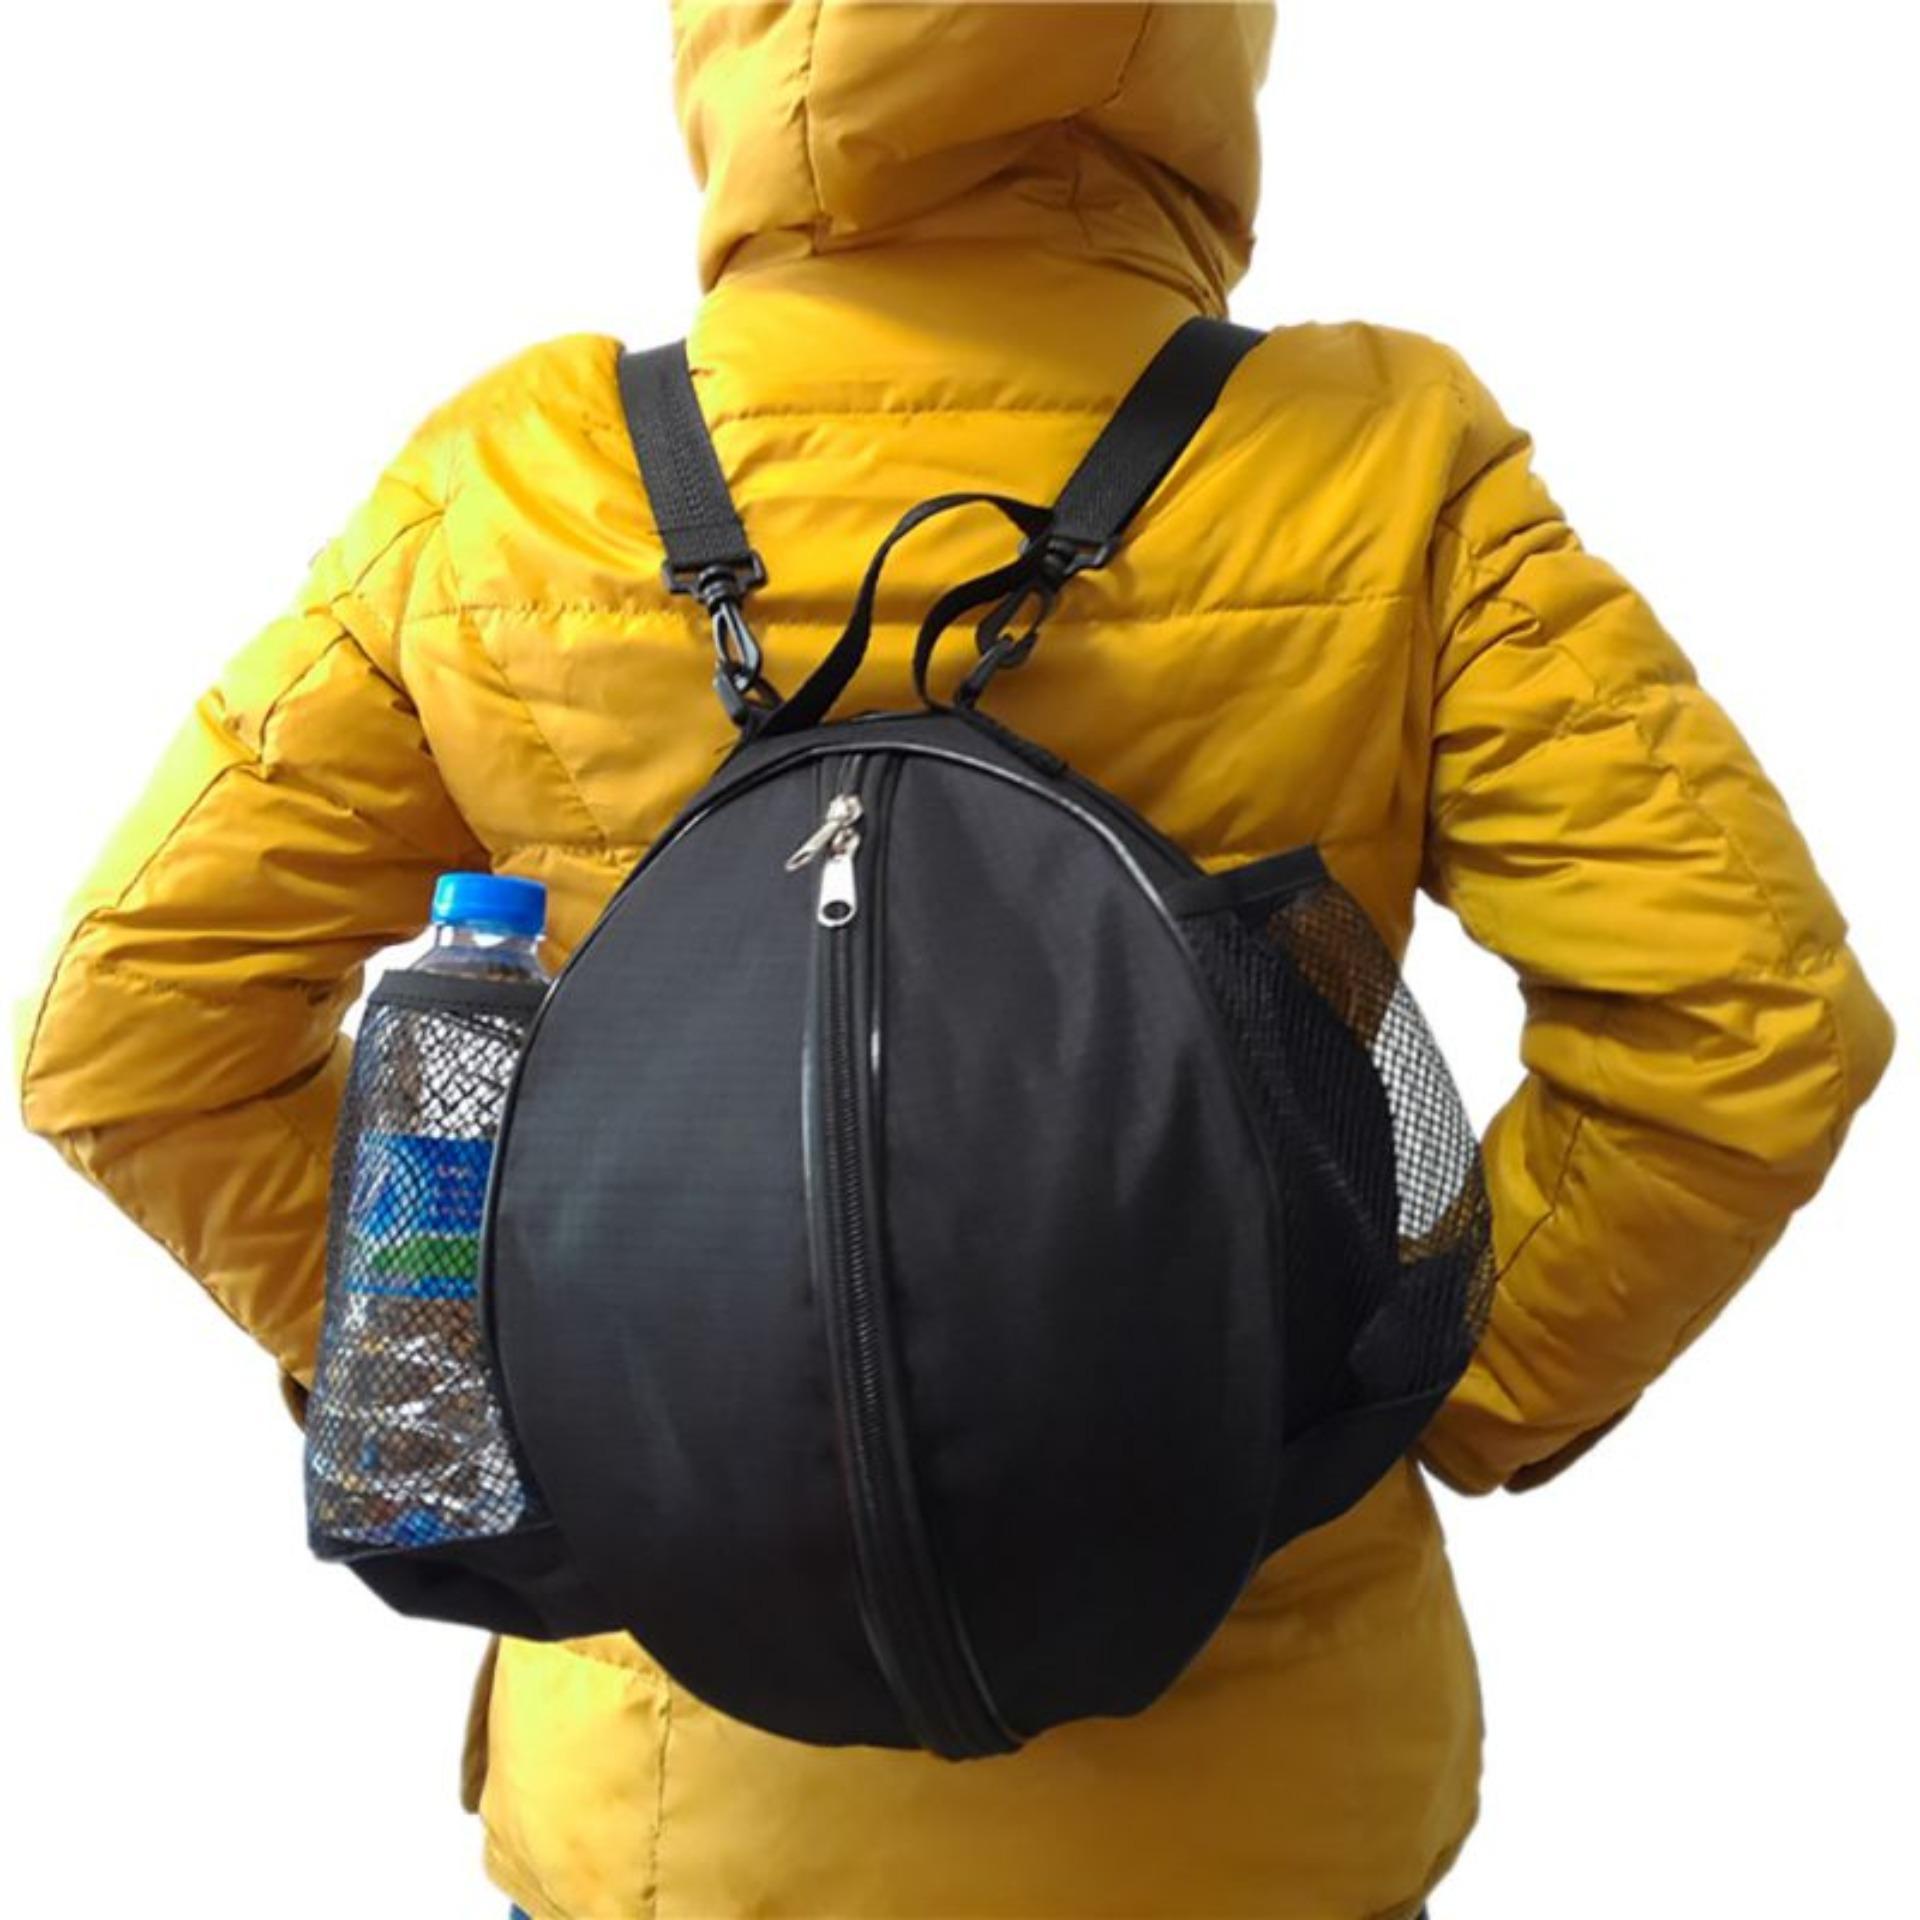 Túi đựng bóng rổ, có ngăn đựng bình nước, ngăn nhỏ đựng phụ kiện chất liệu cao cấp POPO Sports - 2